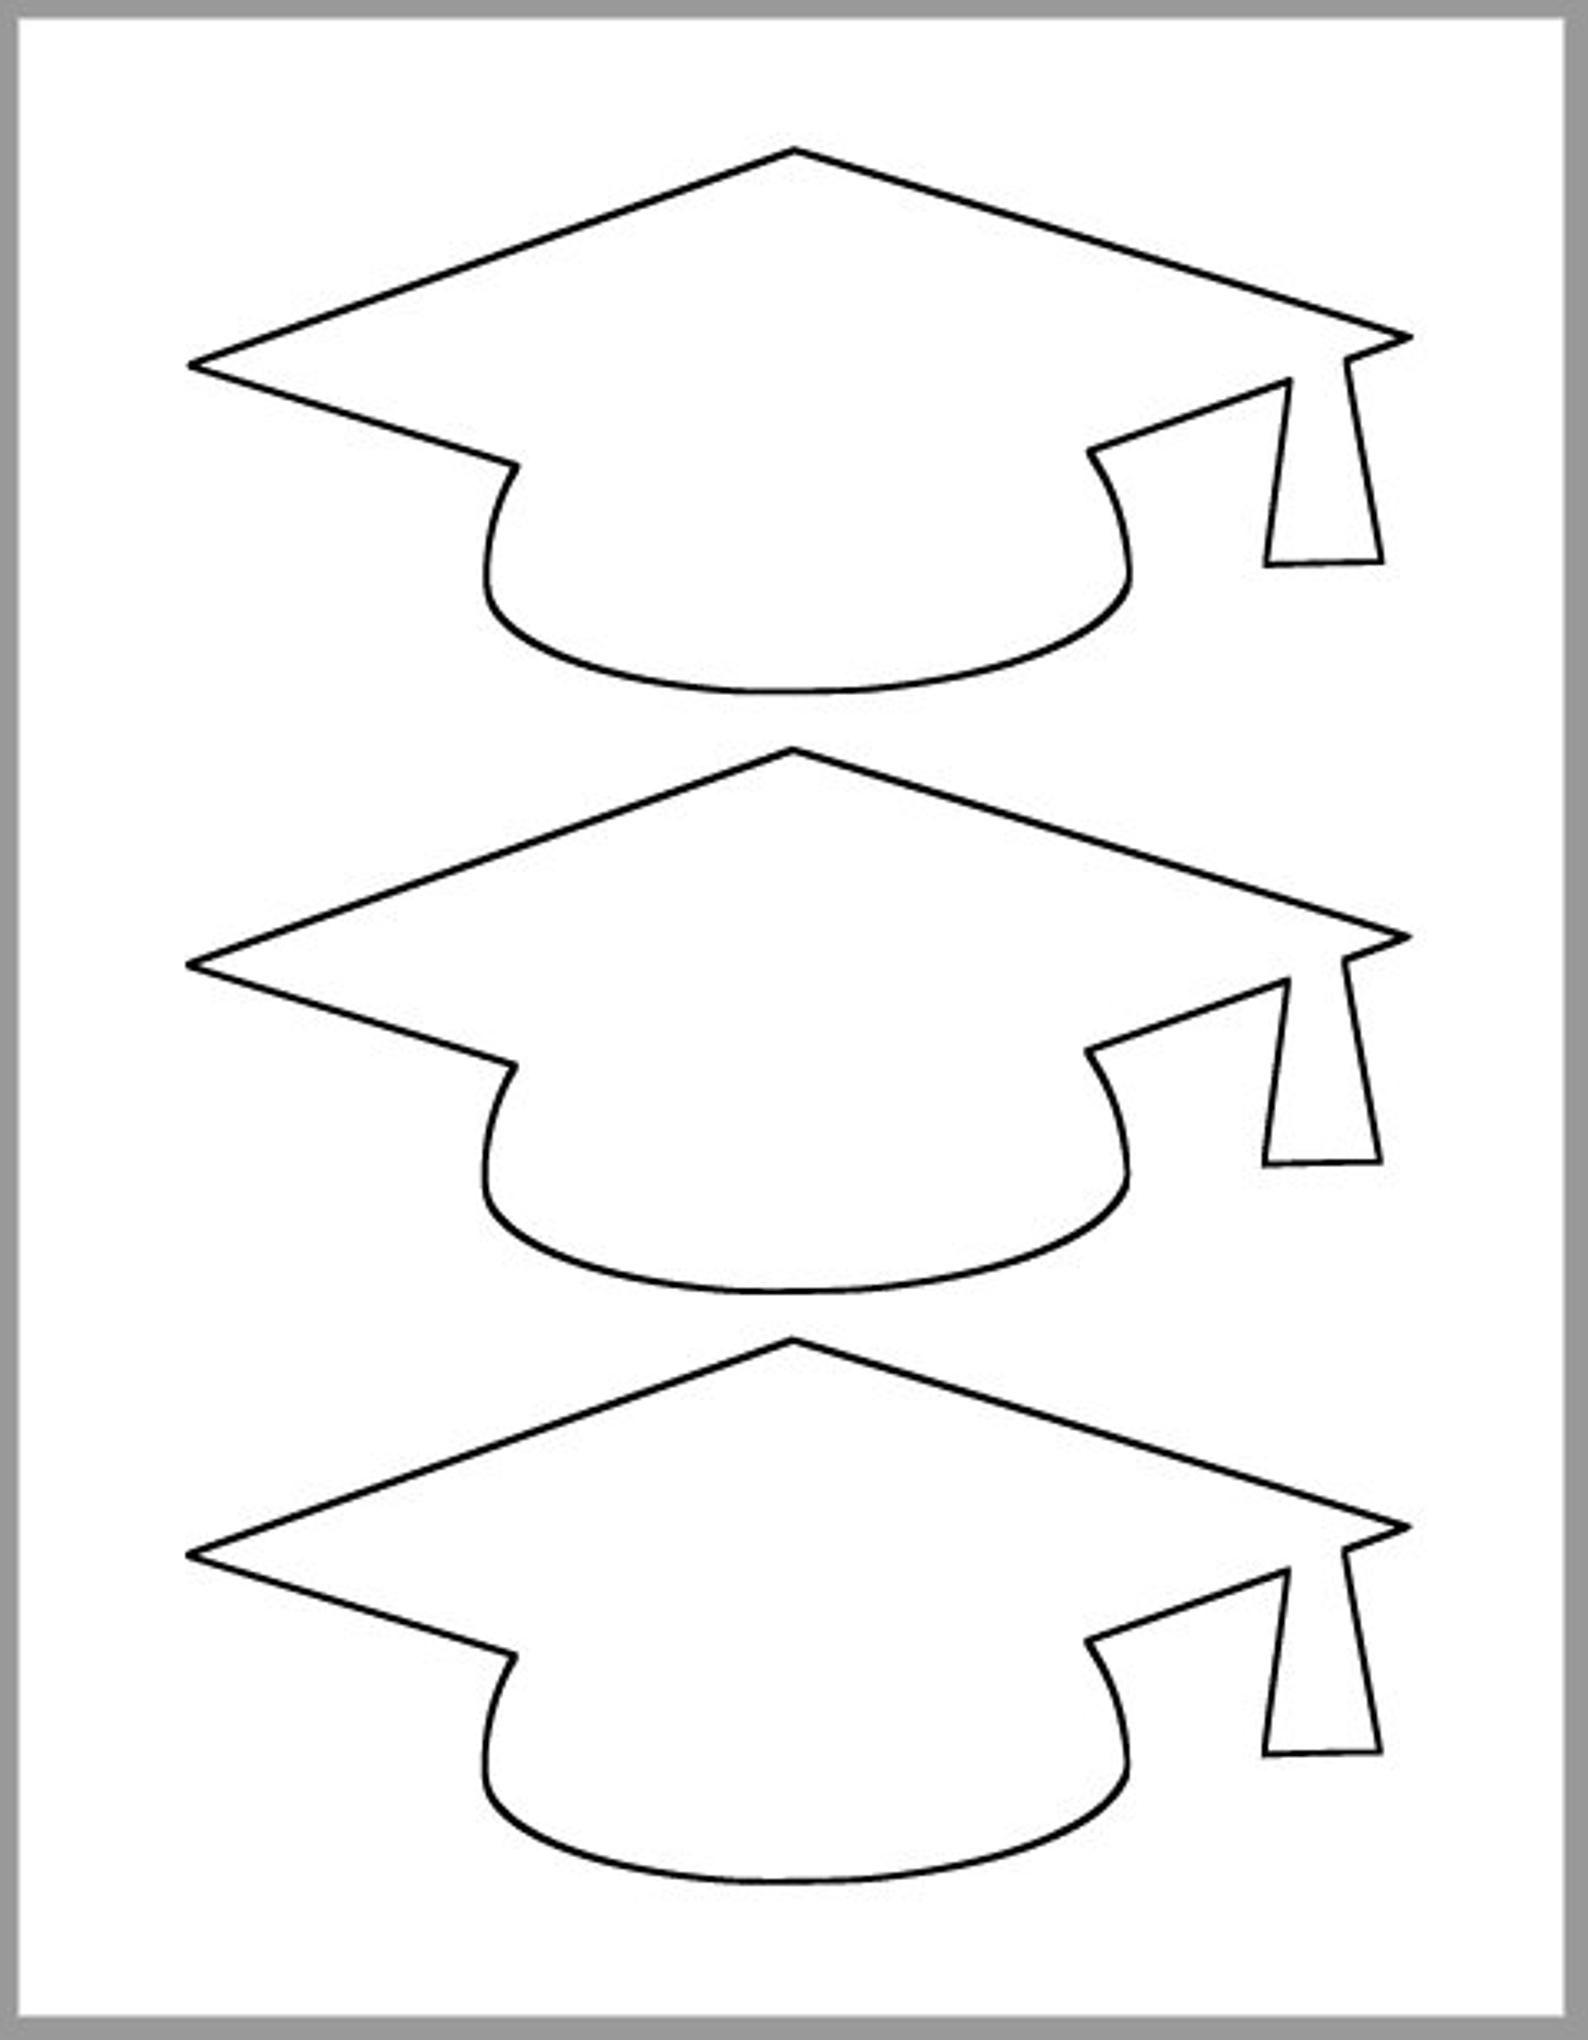 photo about Graduation Cap Template Printable titled Commencement Cap Template-Printable Template-Grad Bash Decor